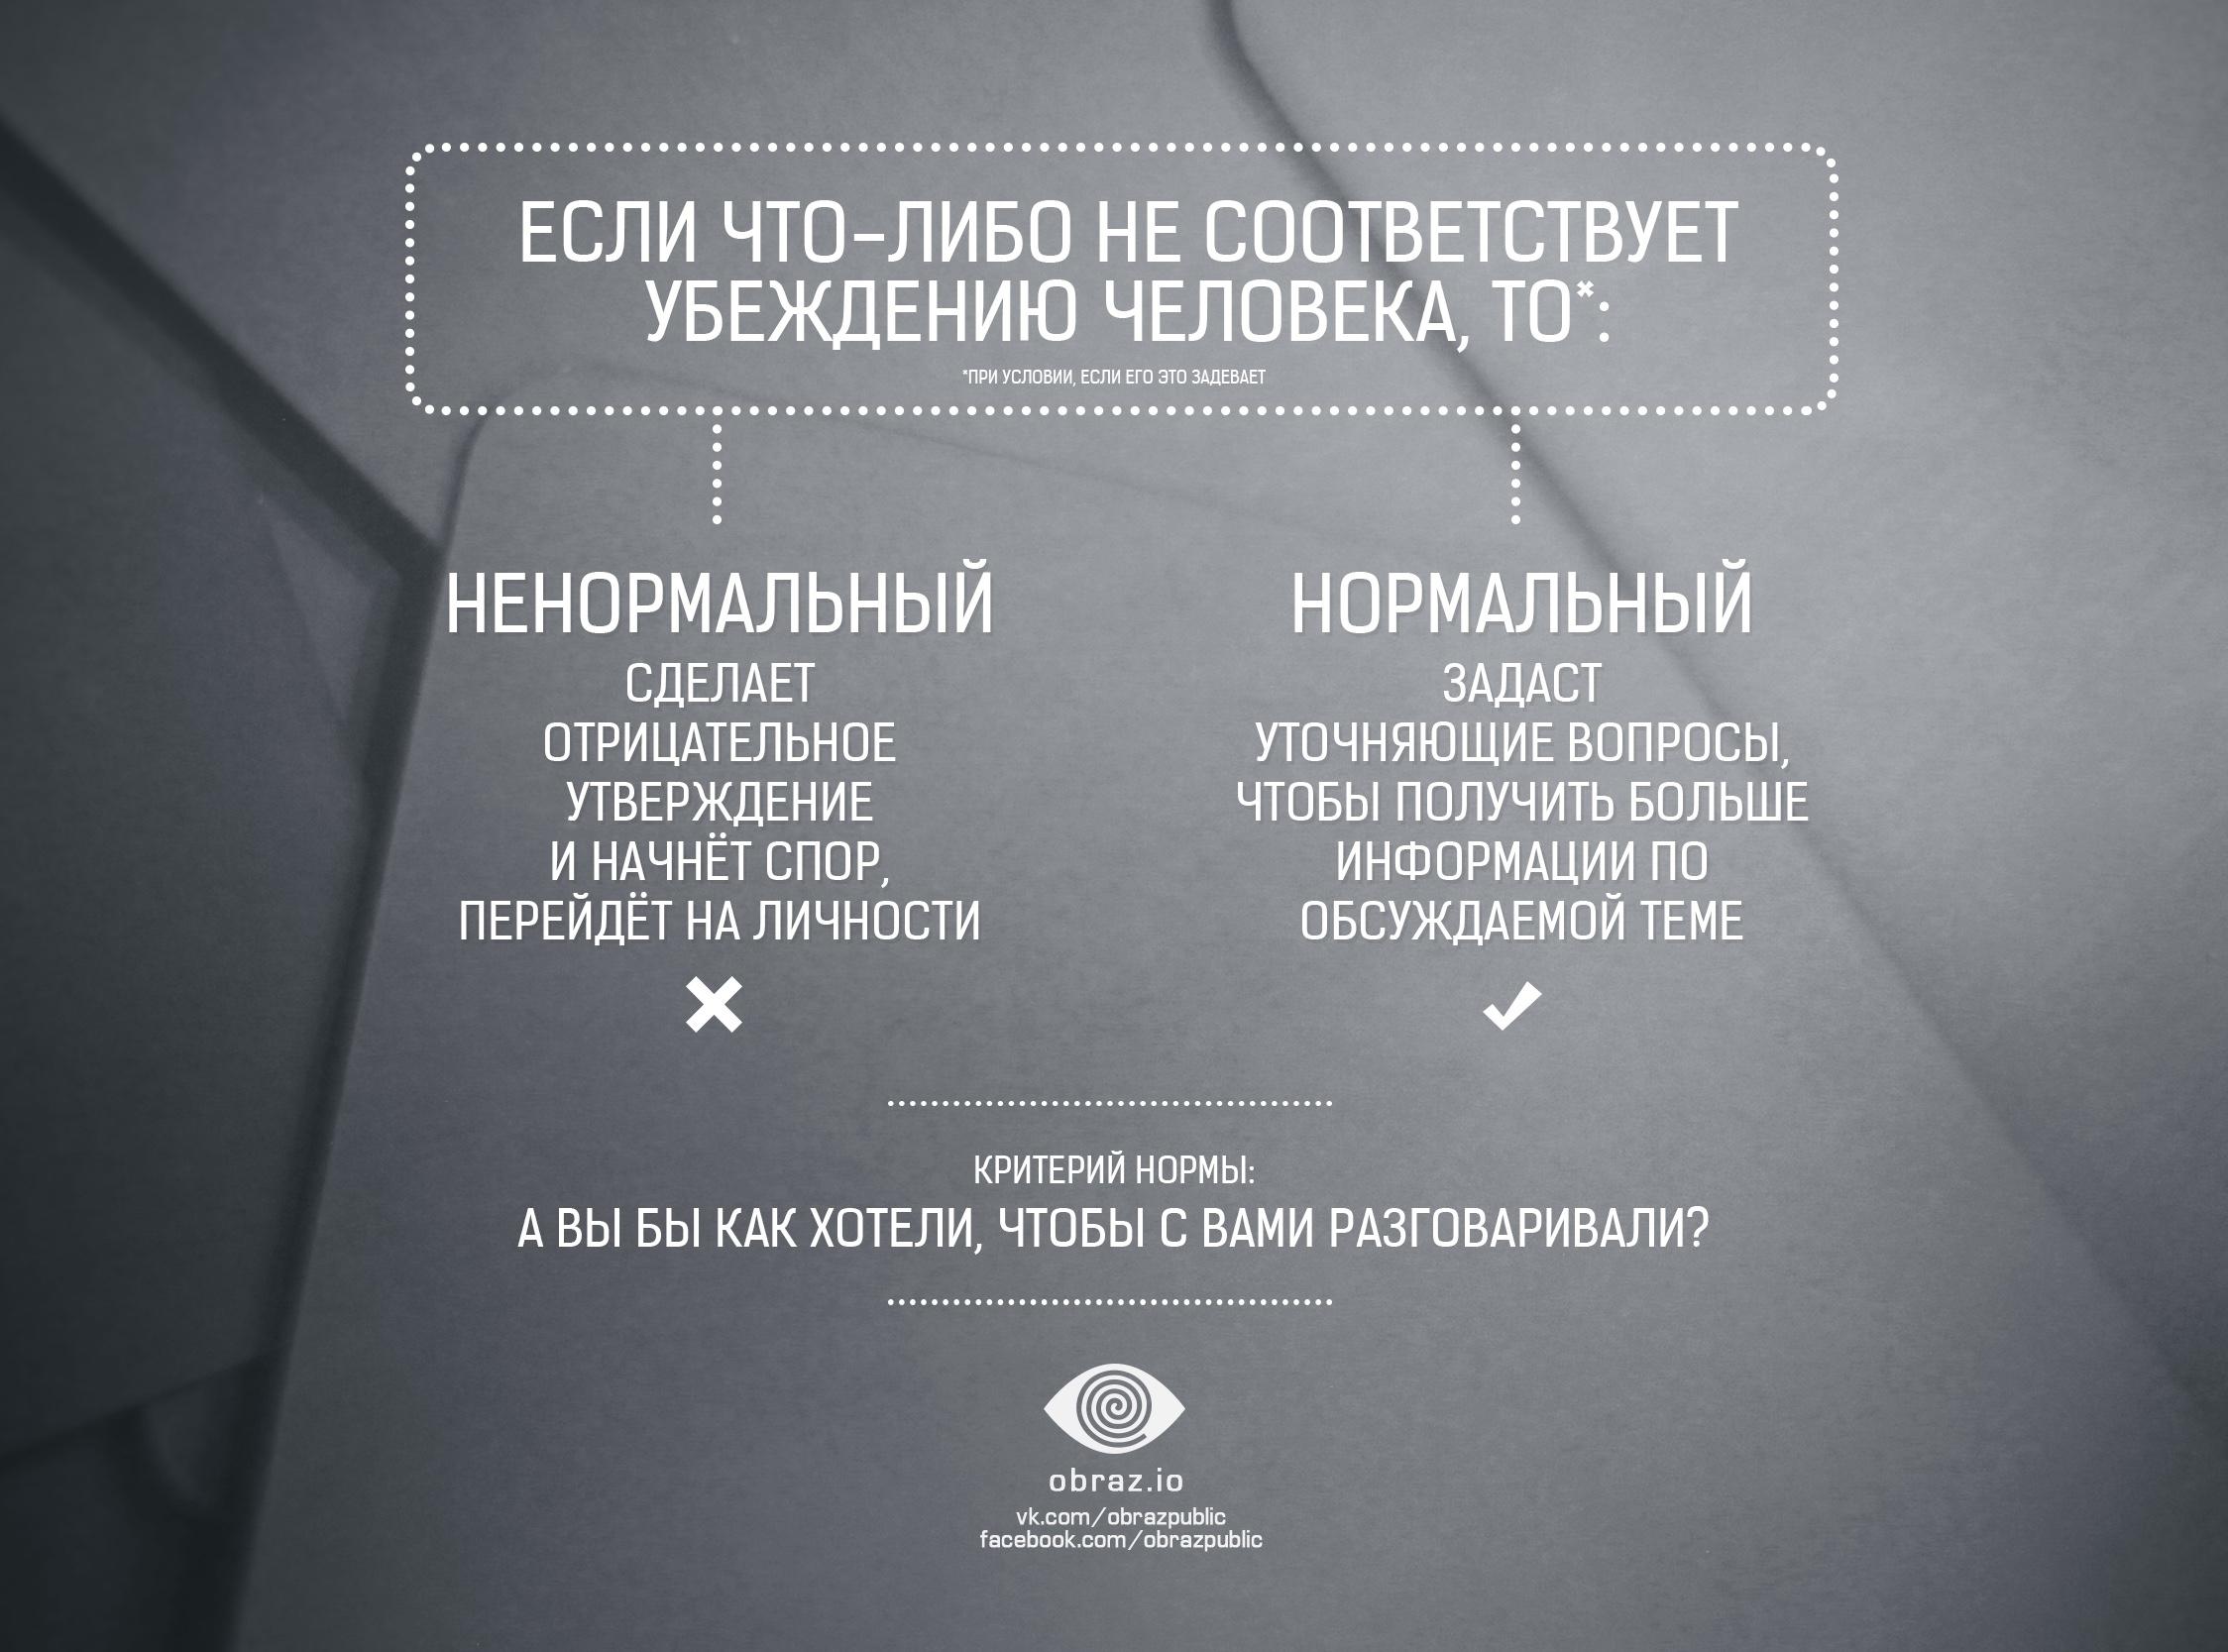 Email:learningkurakov@gmail com3292 ux5p0d.odjjj1yvi